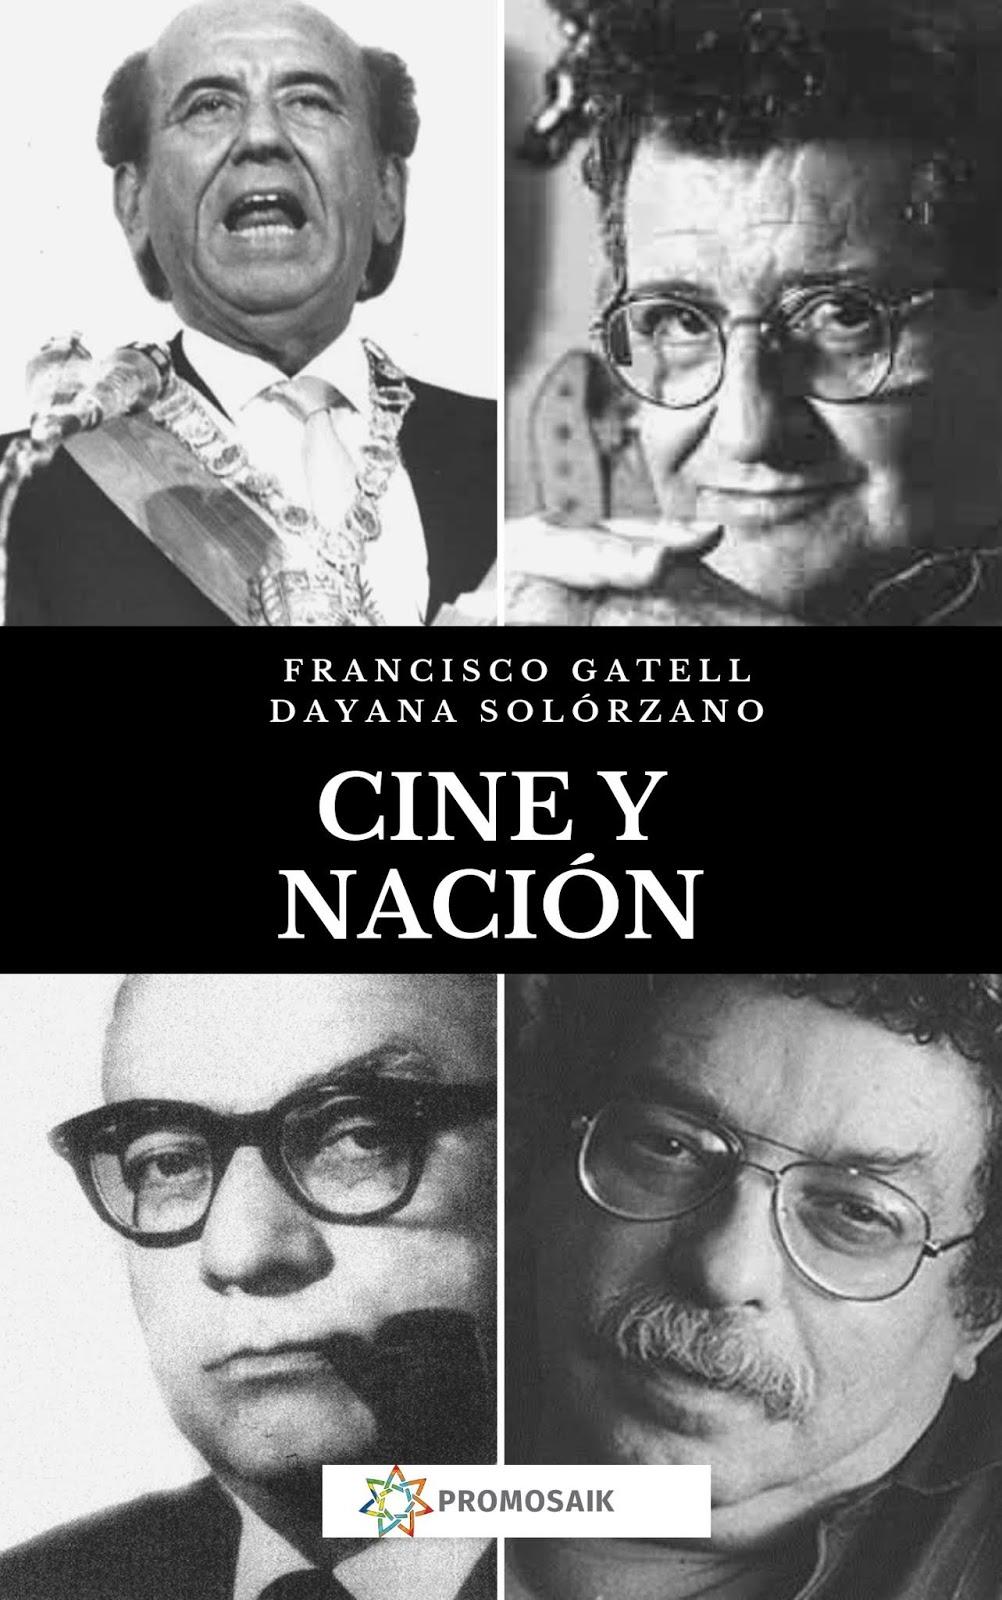 """Entrevista realizada por Abby García a Francisco Gatell, coautor junto a Dayana Solórzano del libro """"Cine y Nación: Creación de un modelo cultural en Venezuela entre 1960 y 1983""""."""